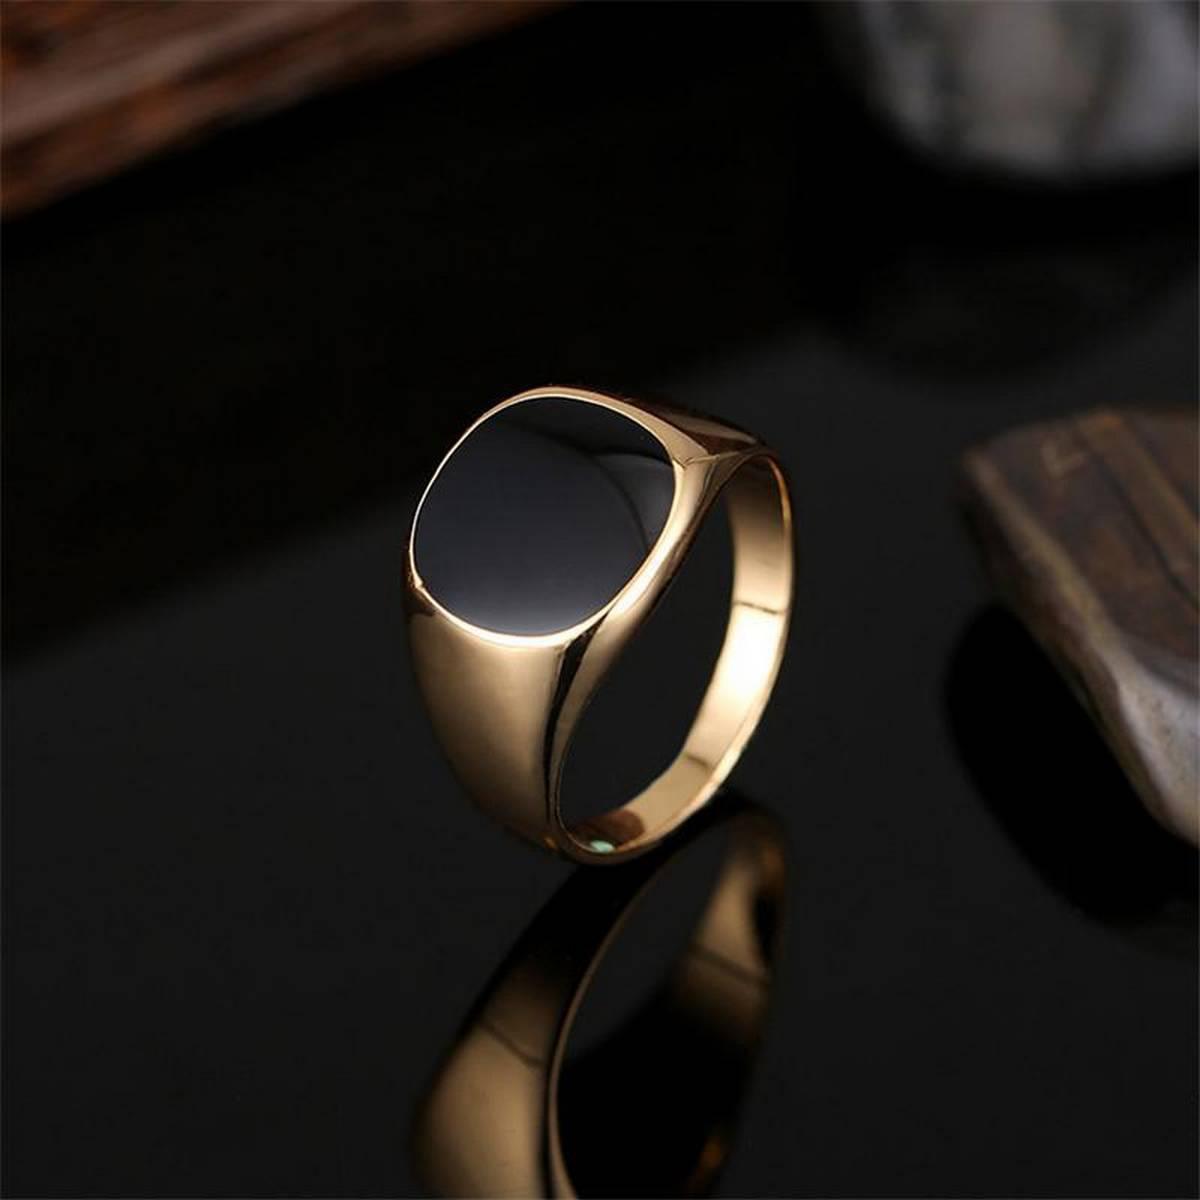 D Marts Gold Plated Black Enamel Ring For Men DG564